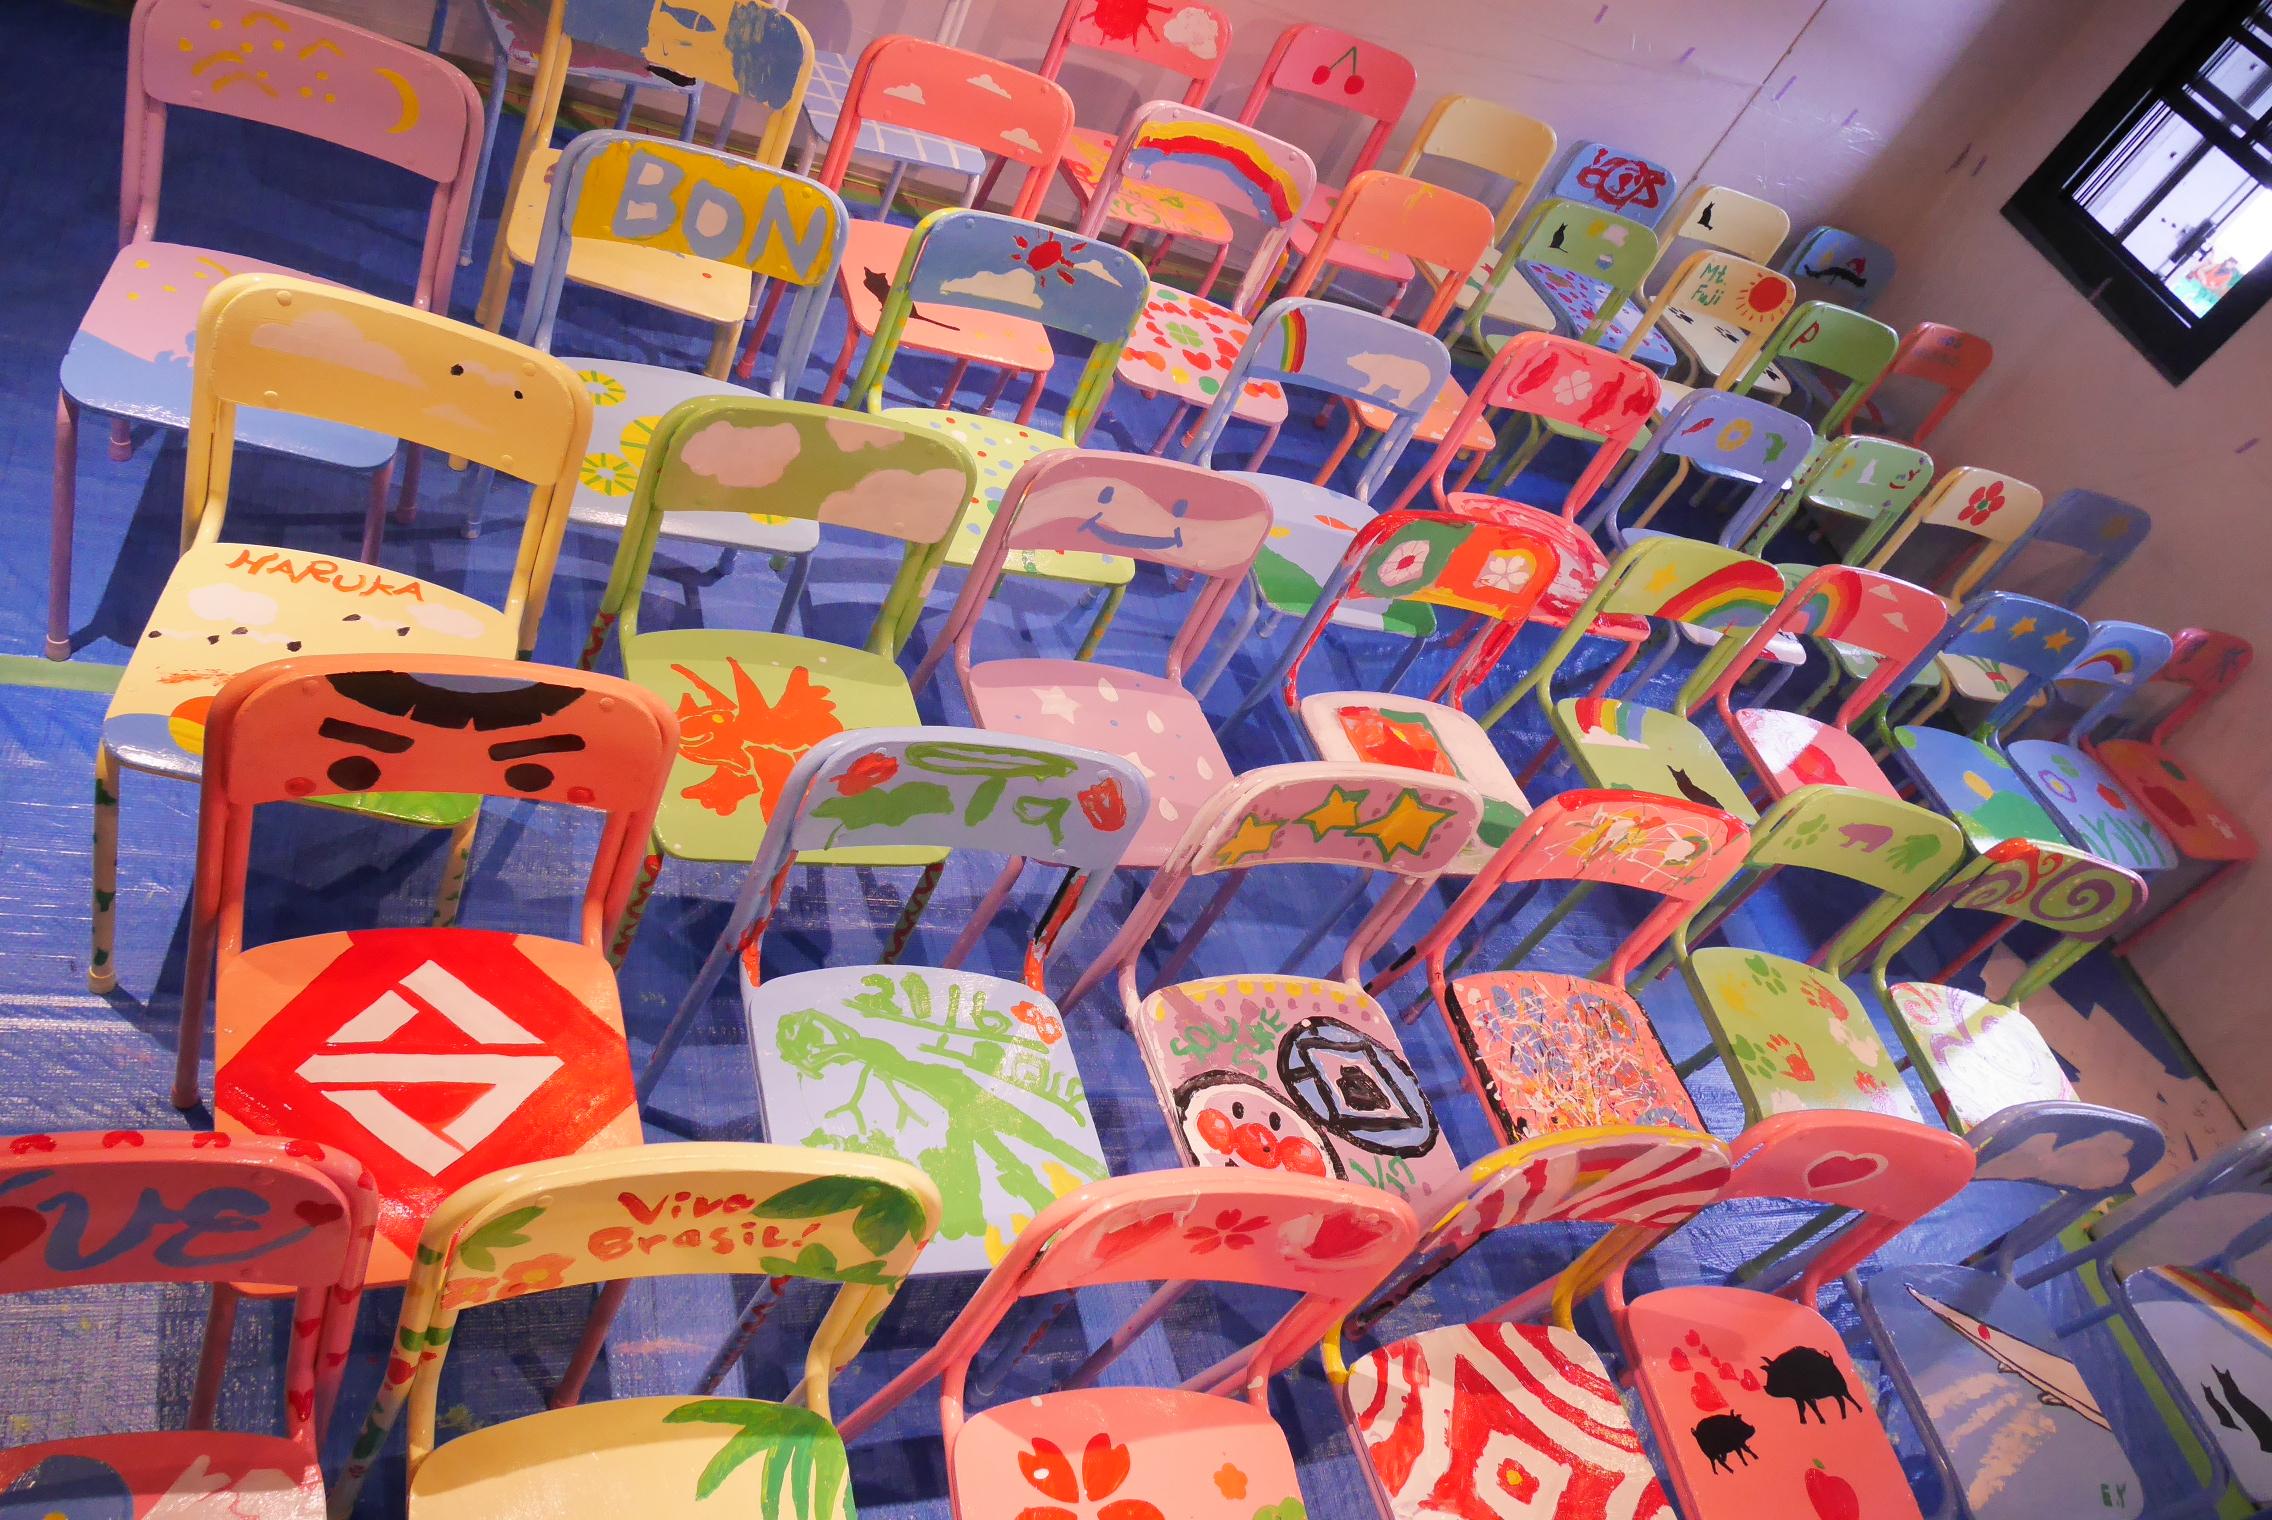 次々と完成した椅子が!思い思いに描かれた椅子は見事なアート作品に!